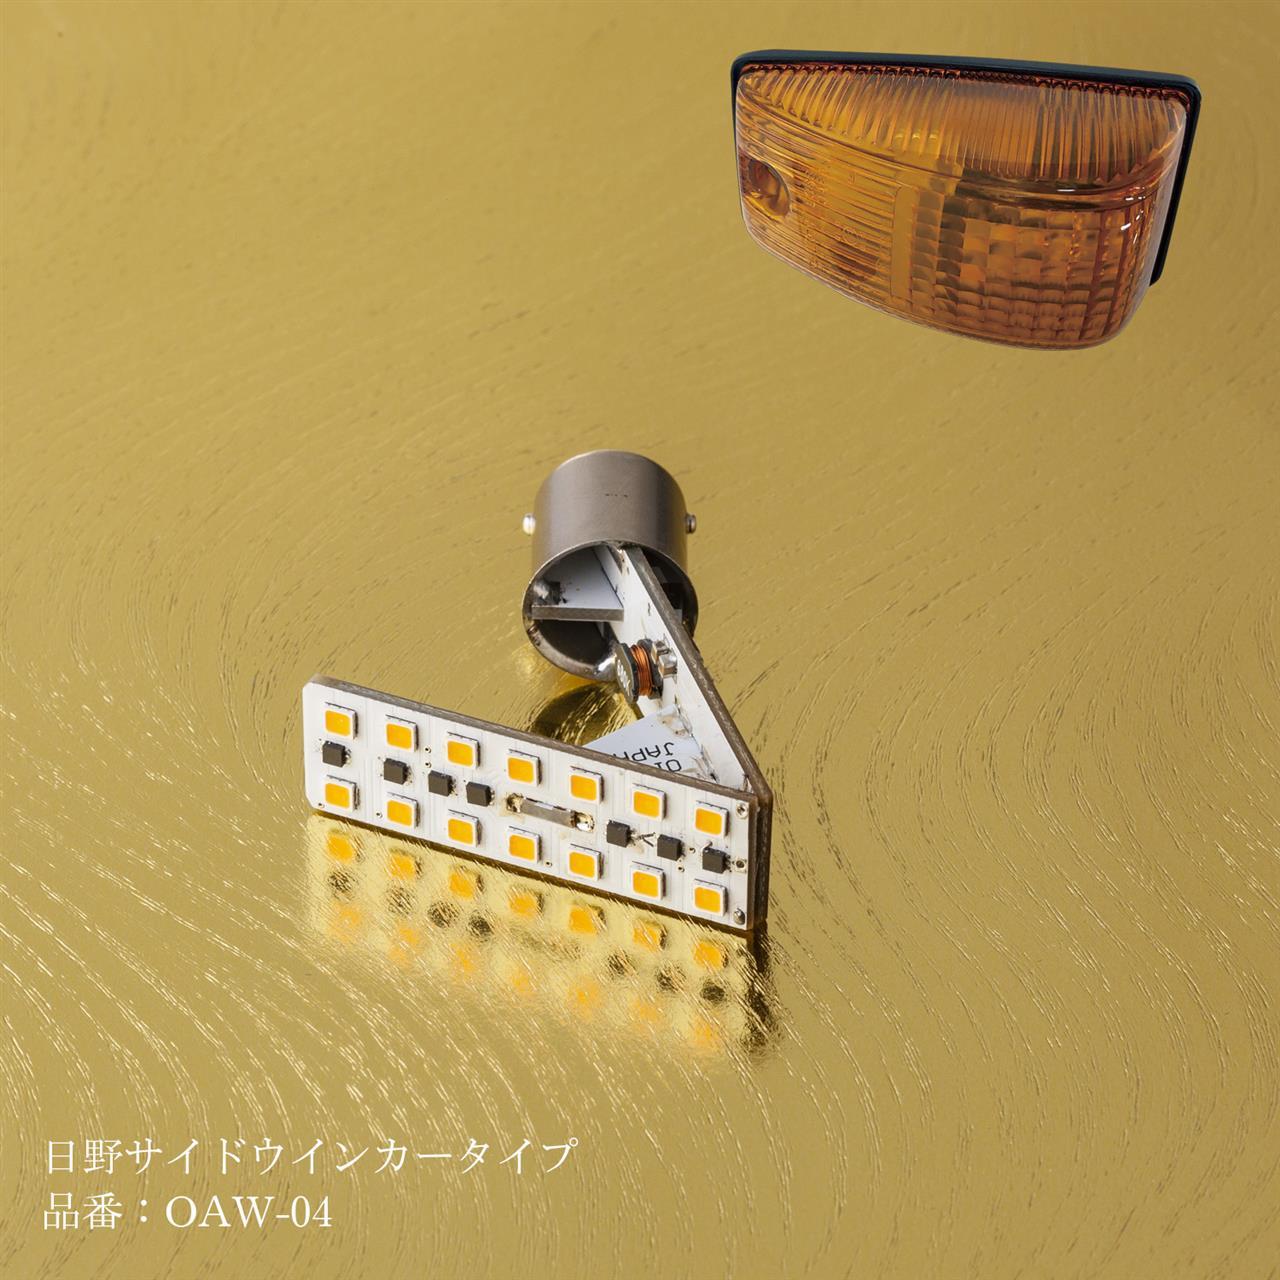 花魁 シーケンシャルウインカーバルブ  フロントウインカー 日野用(1個入り) OAW-04